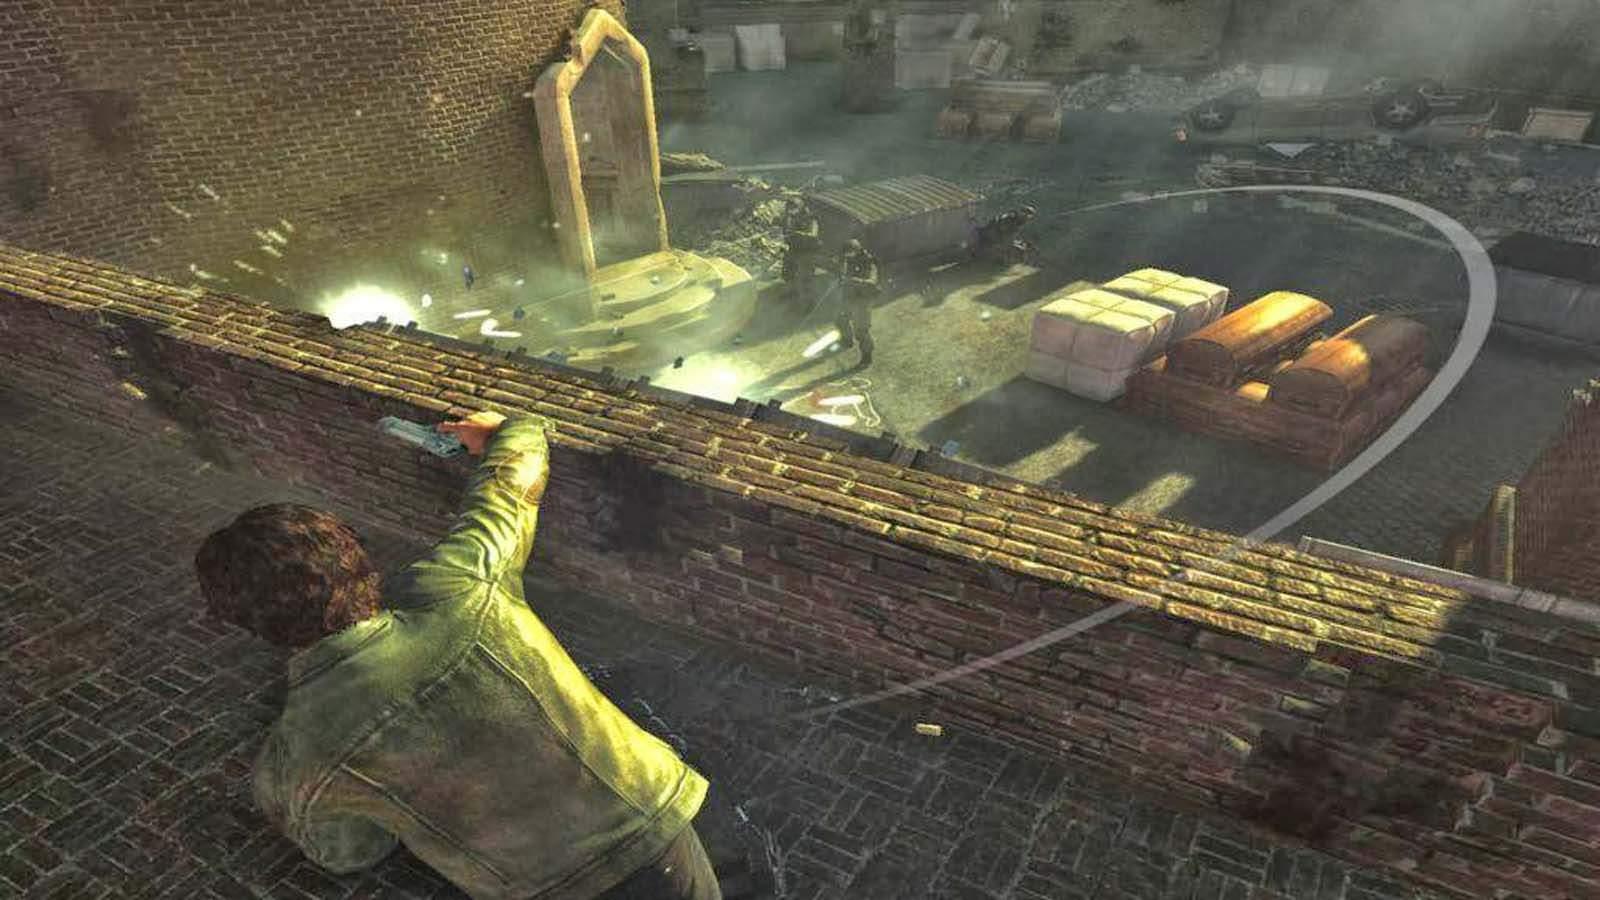 تحميل لعبة Wanted Weapons Of Fate مضغوطة برابط واحد مباشر + تورنت كاملة مجانا